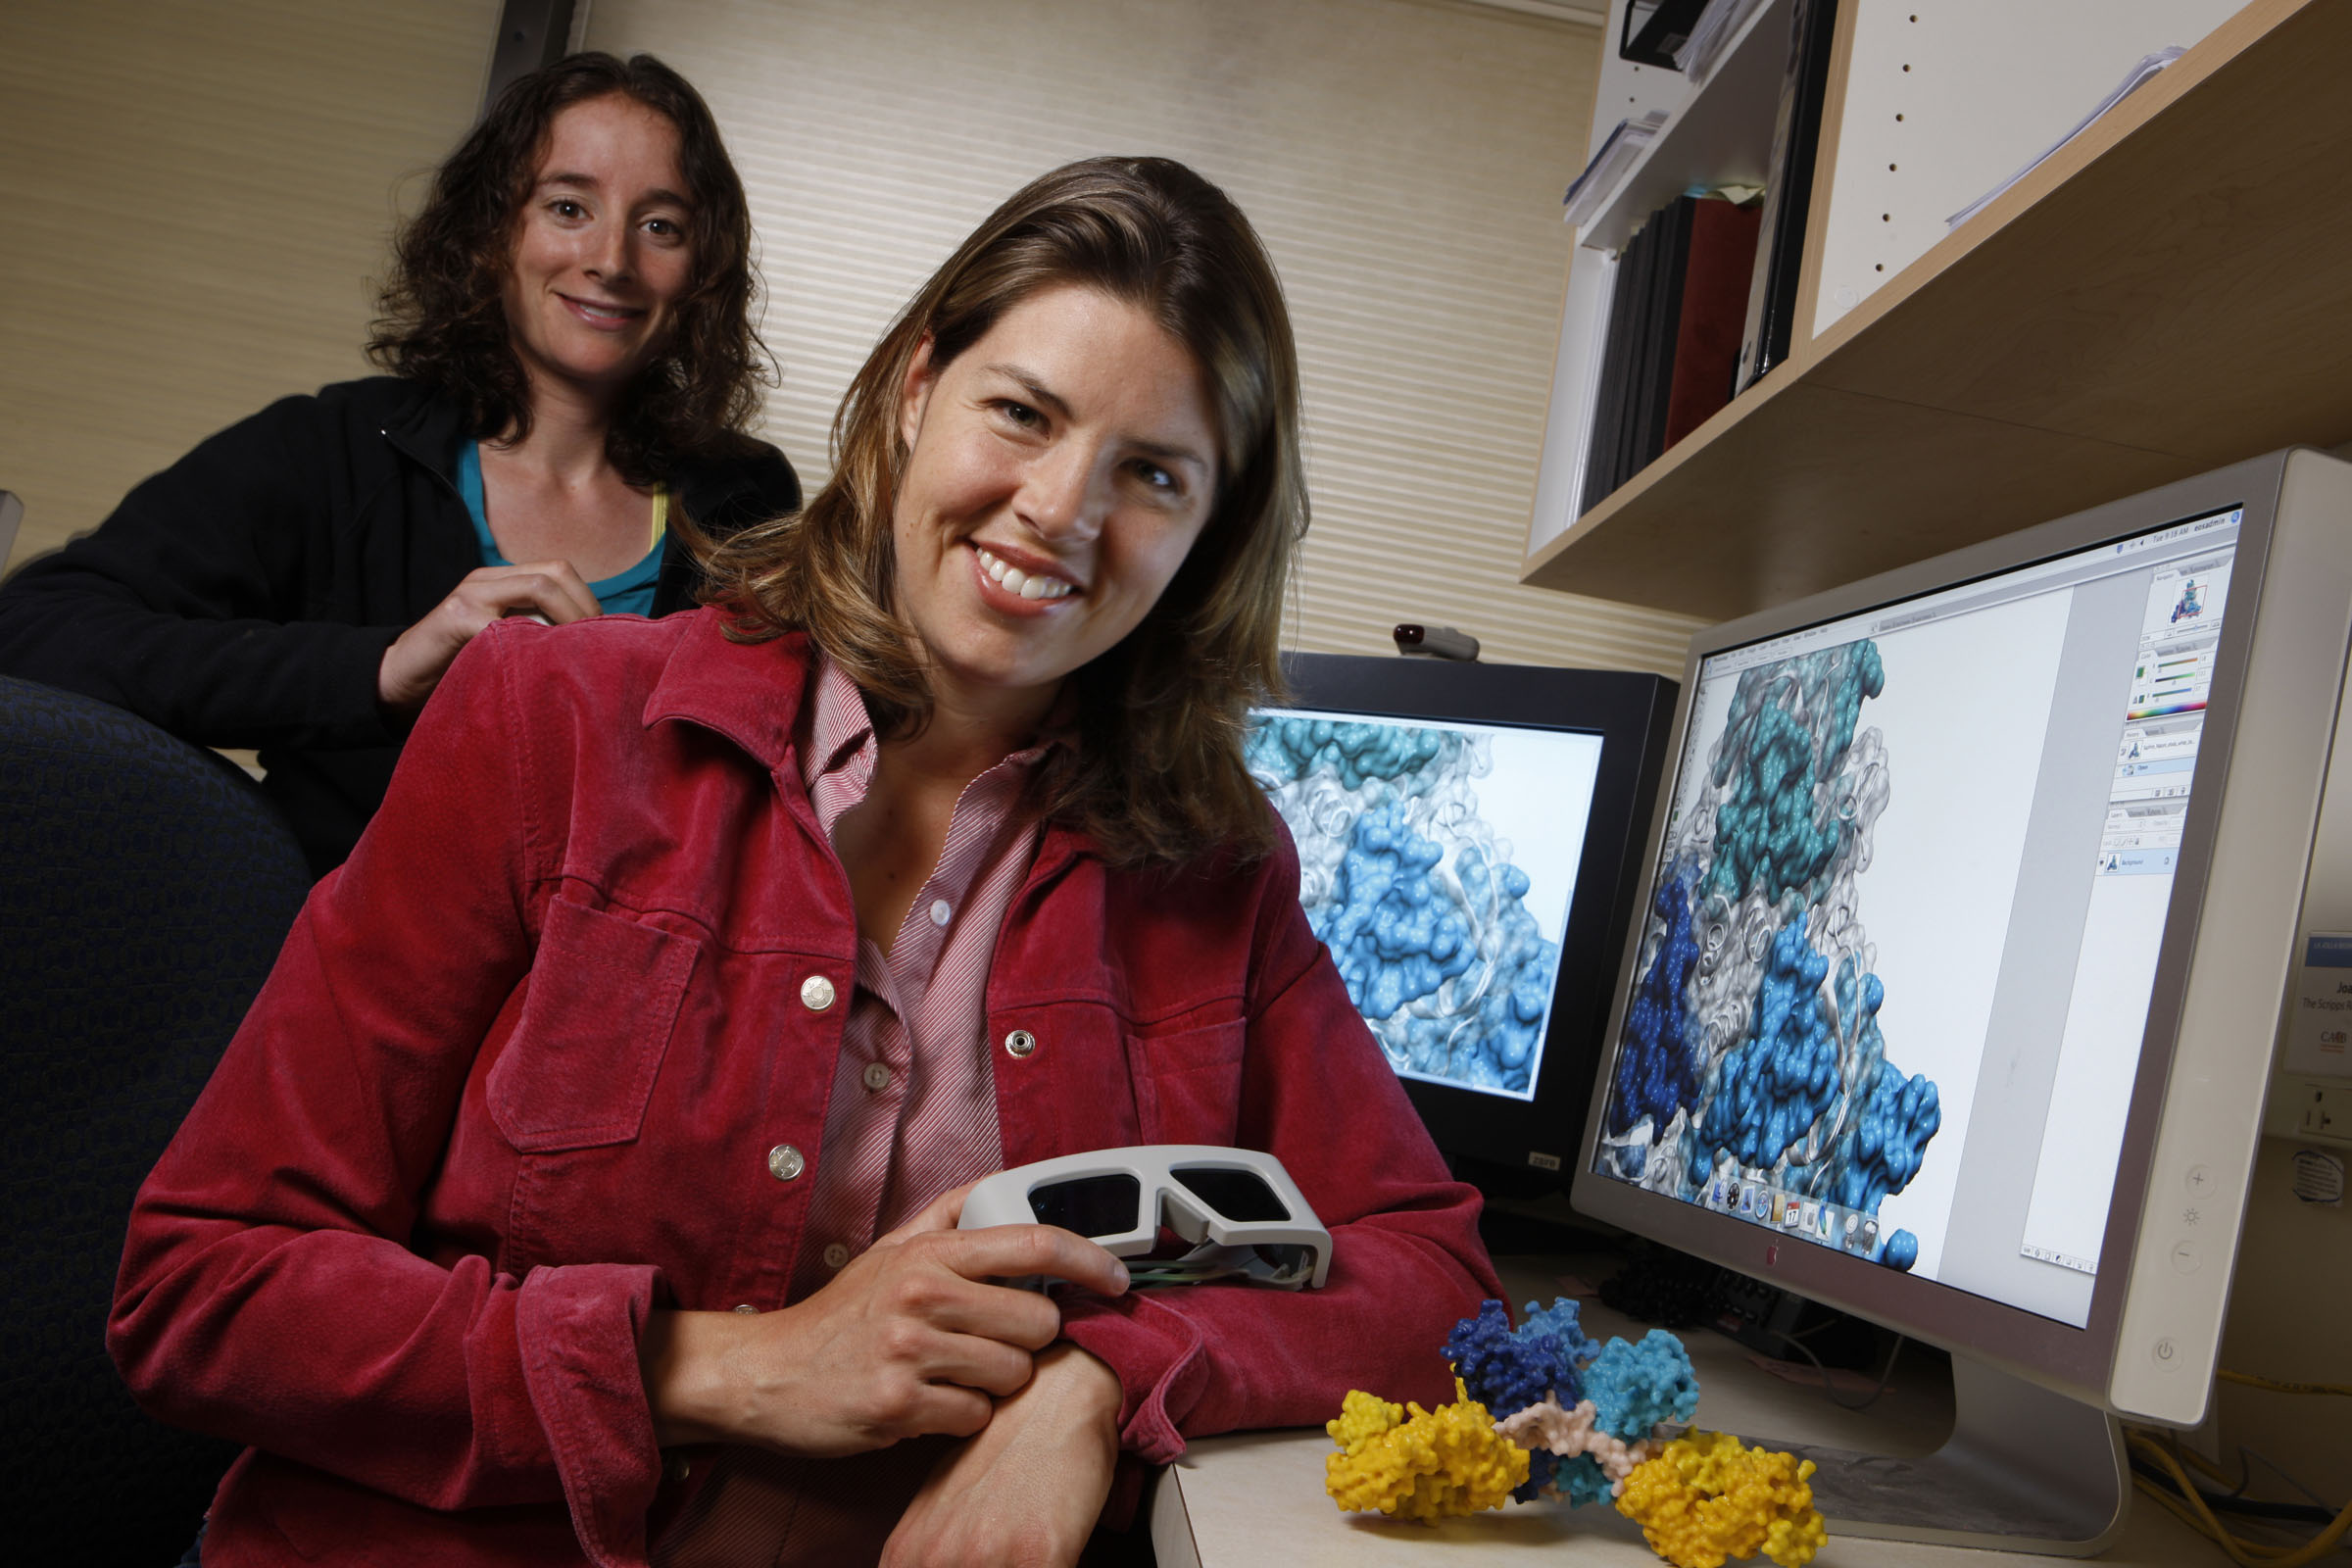 Šéfka výzkumného týmu Erica Ollmann Saphire. Kredit: E. Saphire, Scripps.